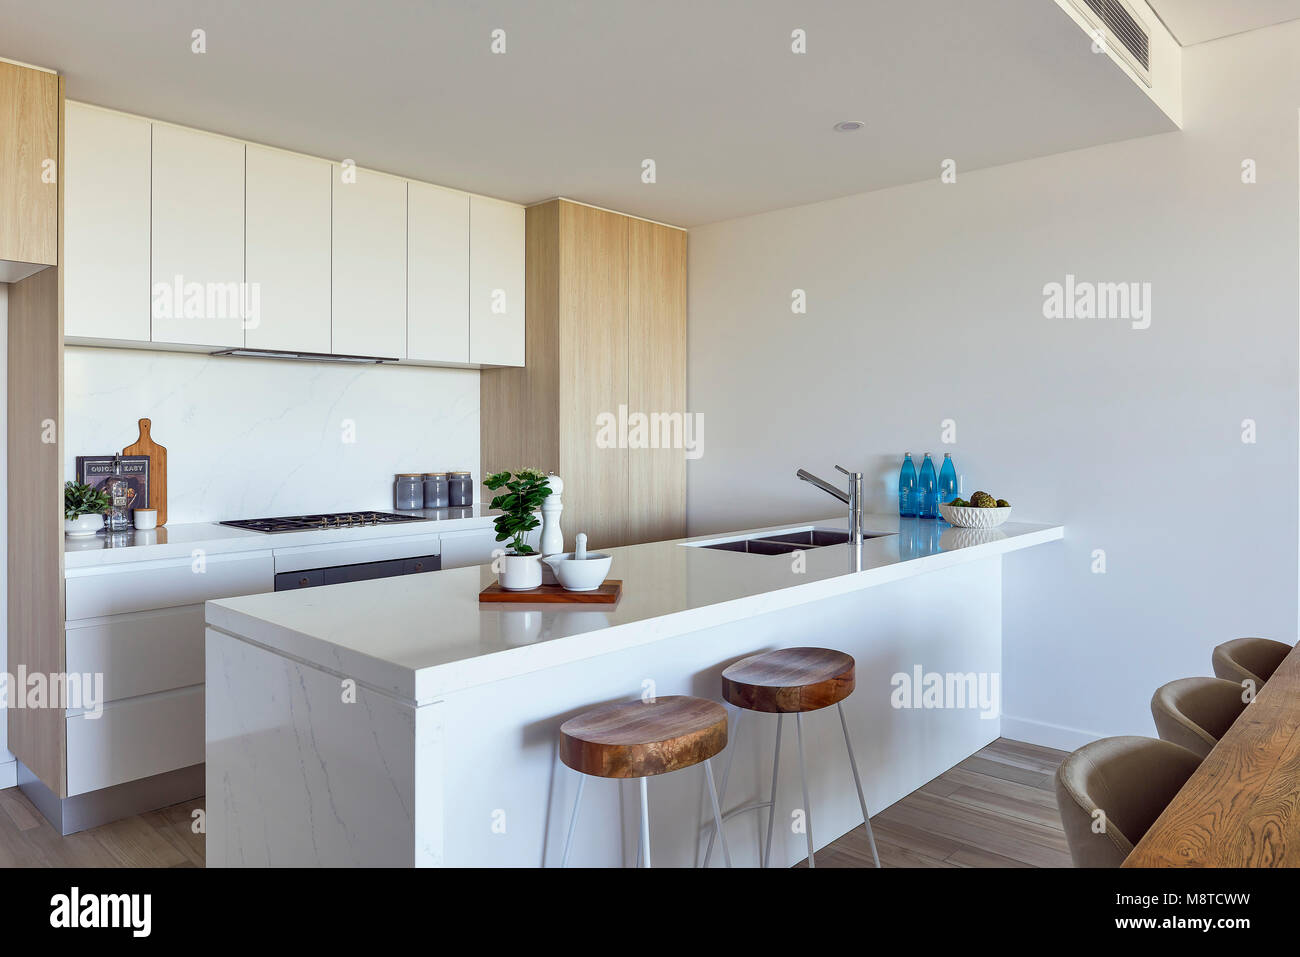 Berühmt Küche Umbau Sydney Ideen - Ideen Für Die Küche Dekoration ...